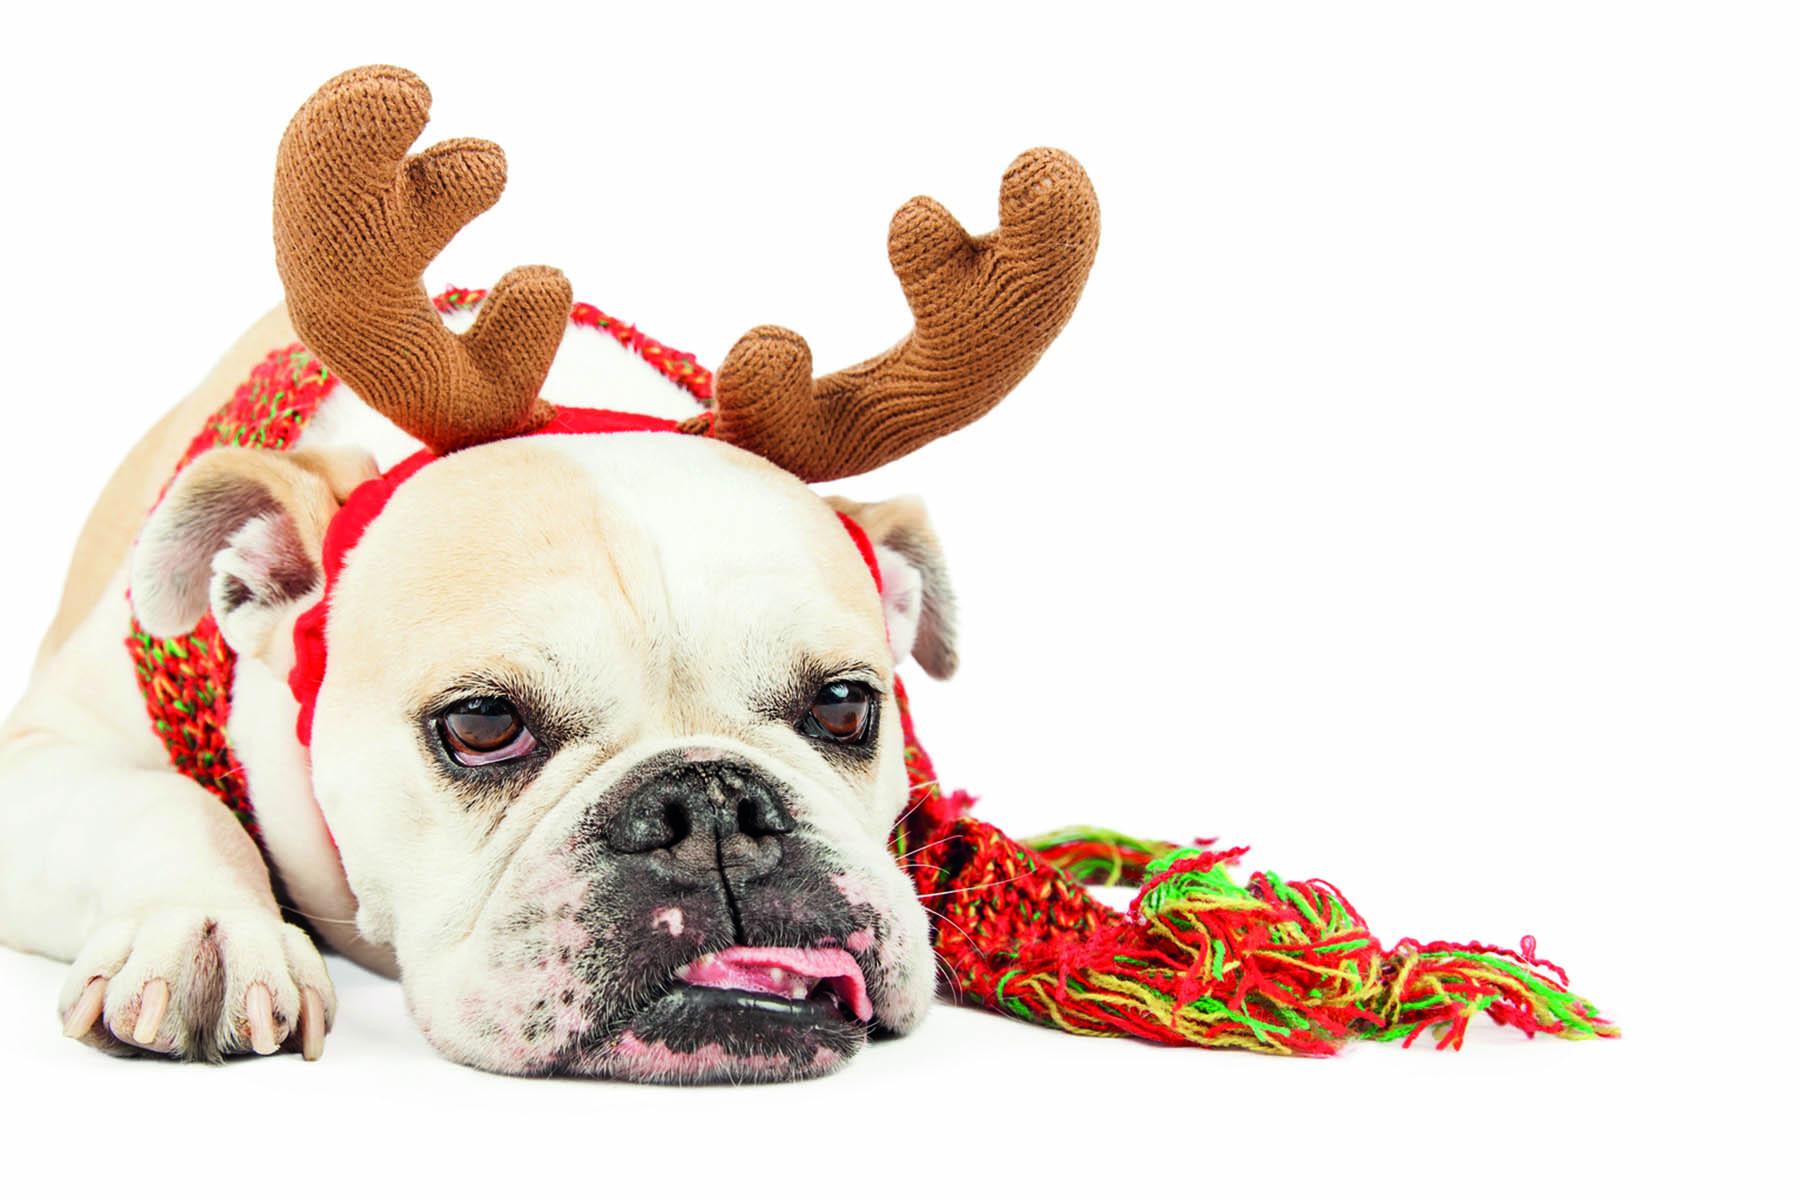 Trött bulldog med en tiara formad som ett renhorn